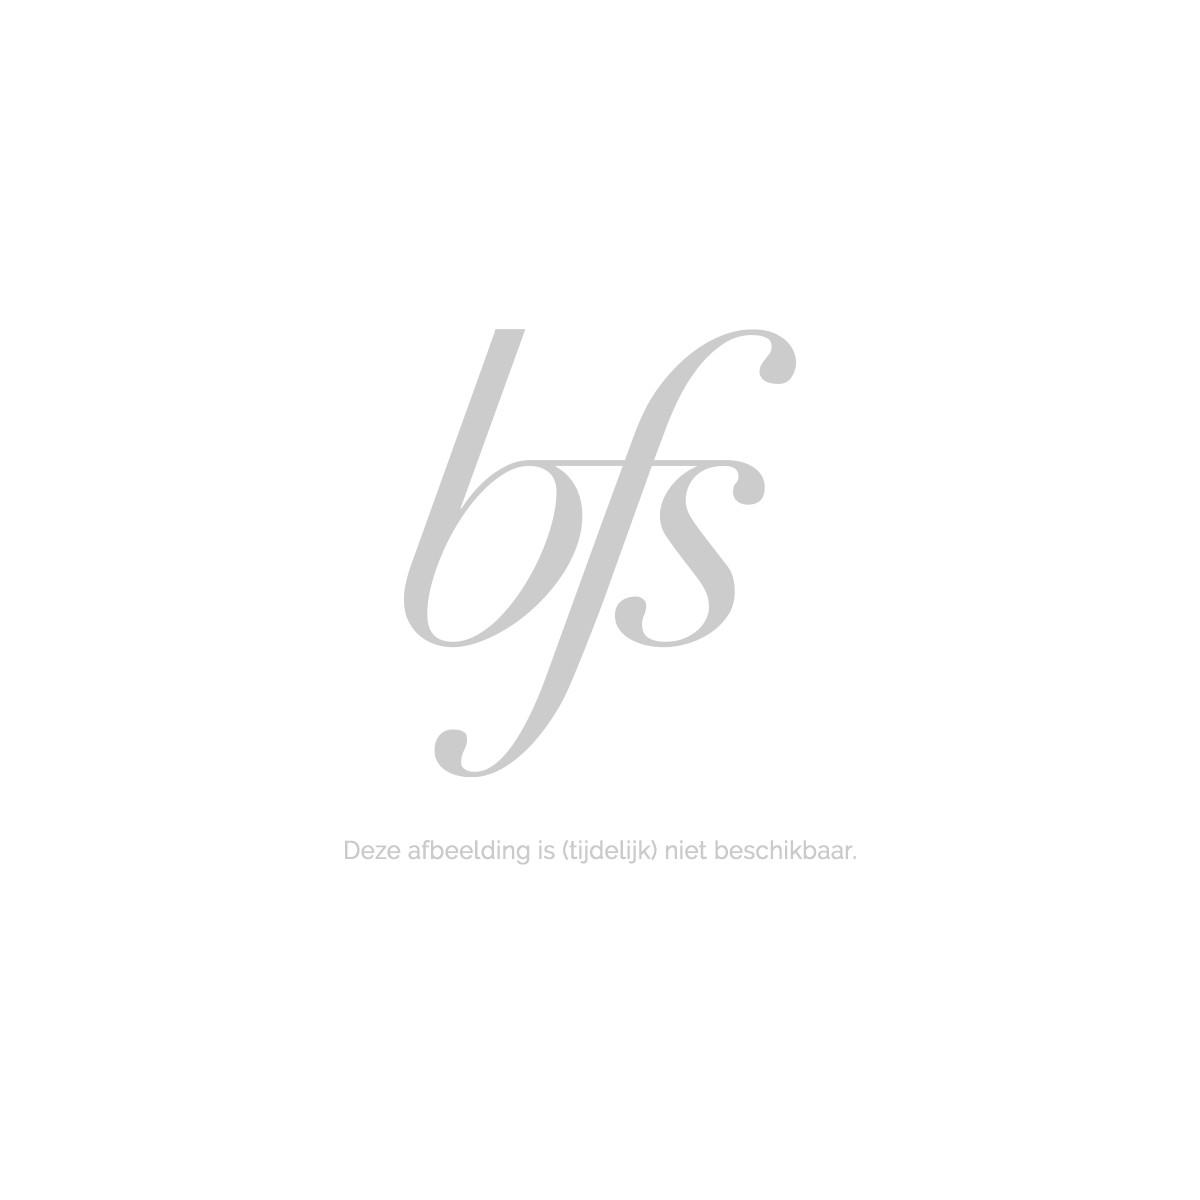 Beauty Fashion Outlet Crowley La: Sleek Eau La La Liner